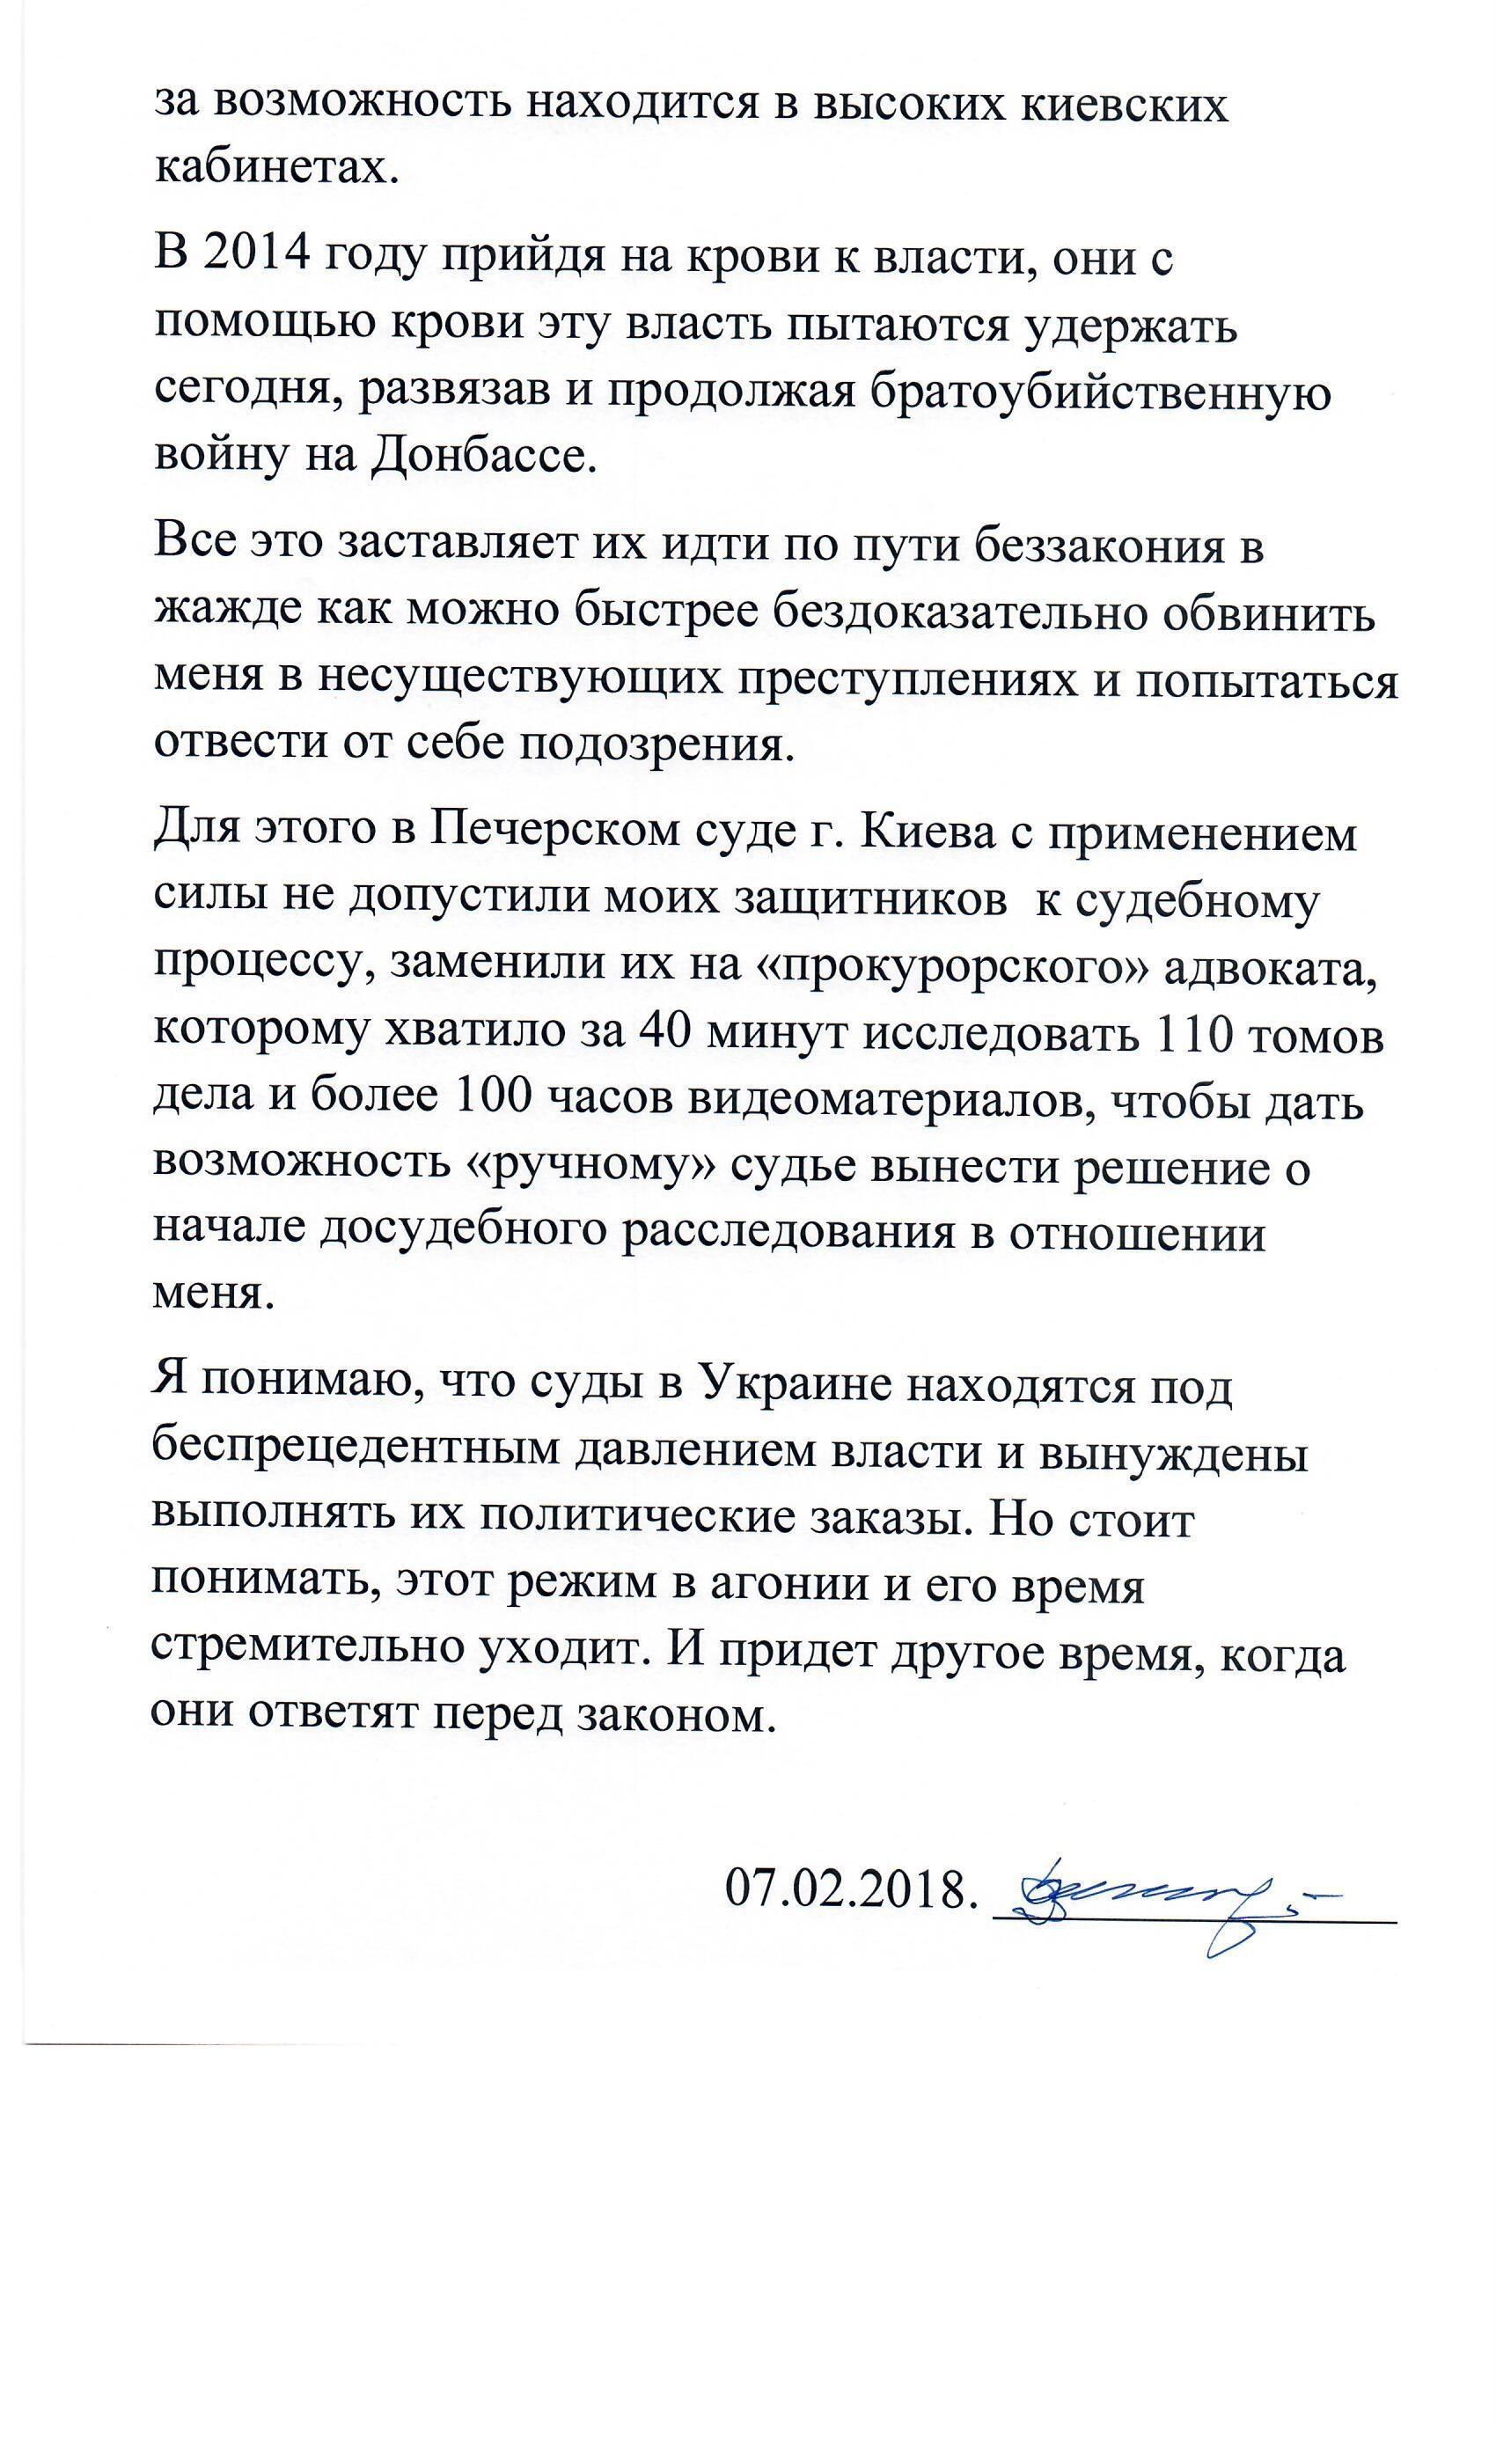 звернення Віктора Януковича_2